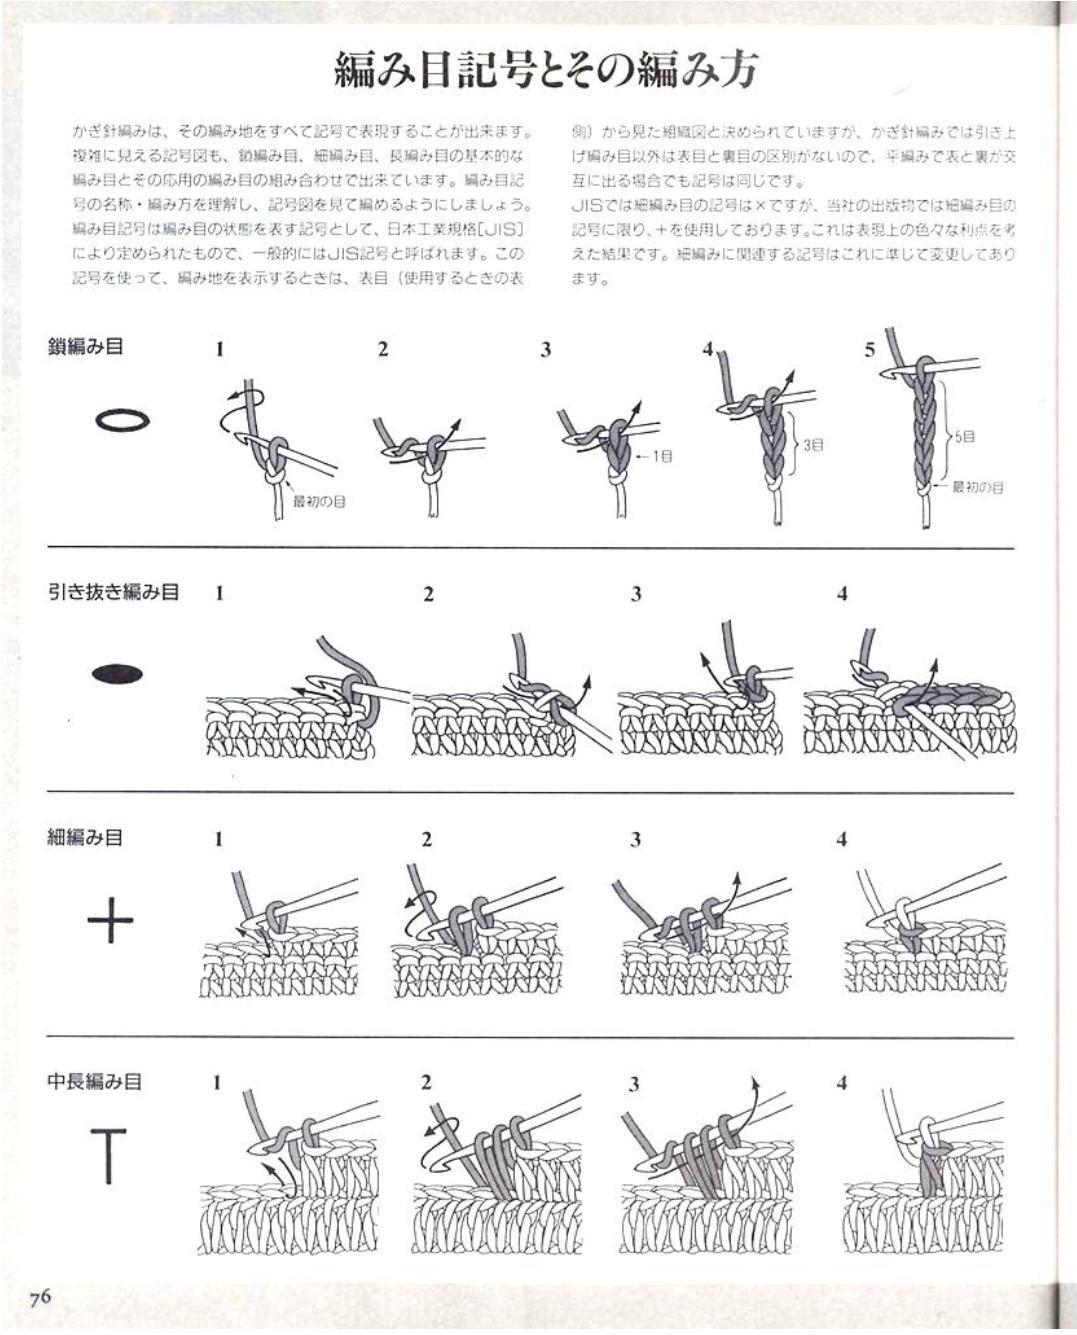 Lana y ganchillo: Interpretar patrones japoneses | dietas ...